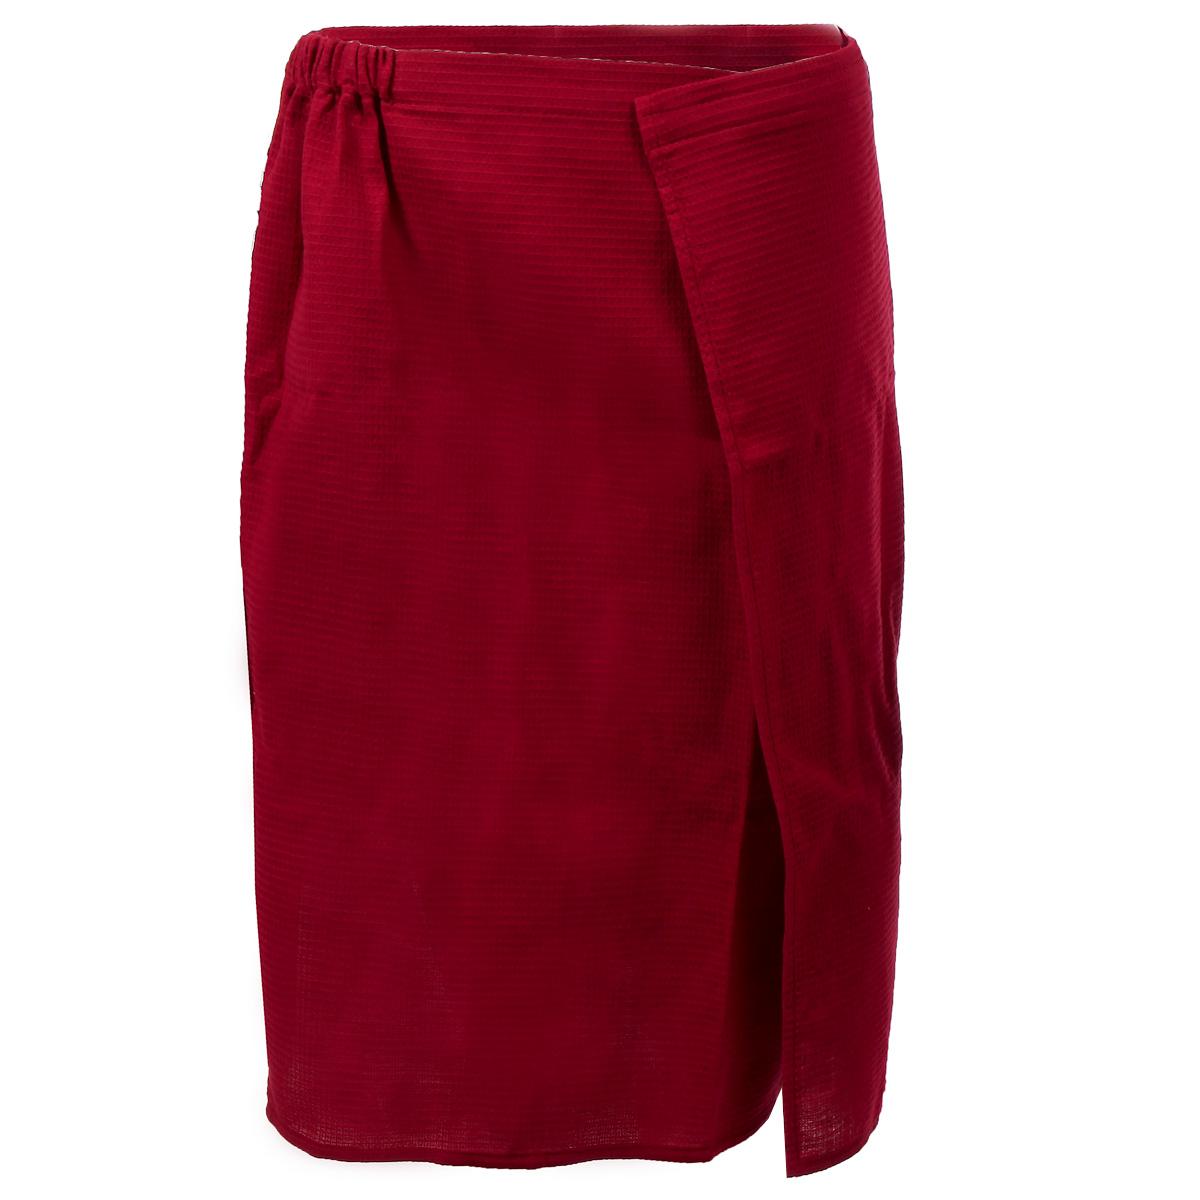 Килт для бани и сауны Банные штучки, мужской, цвет: малиновый килт для бани и сауны банные штучки мужской цвет в ассортименте